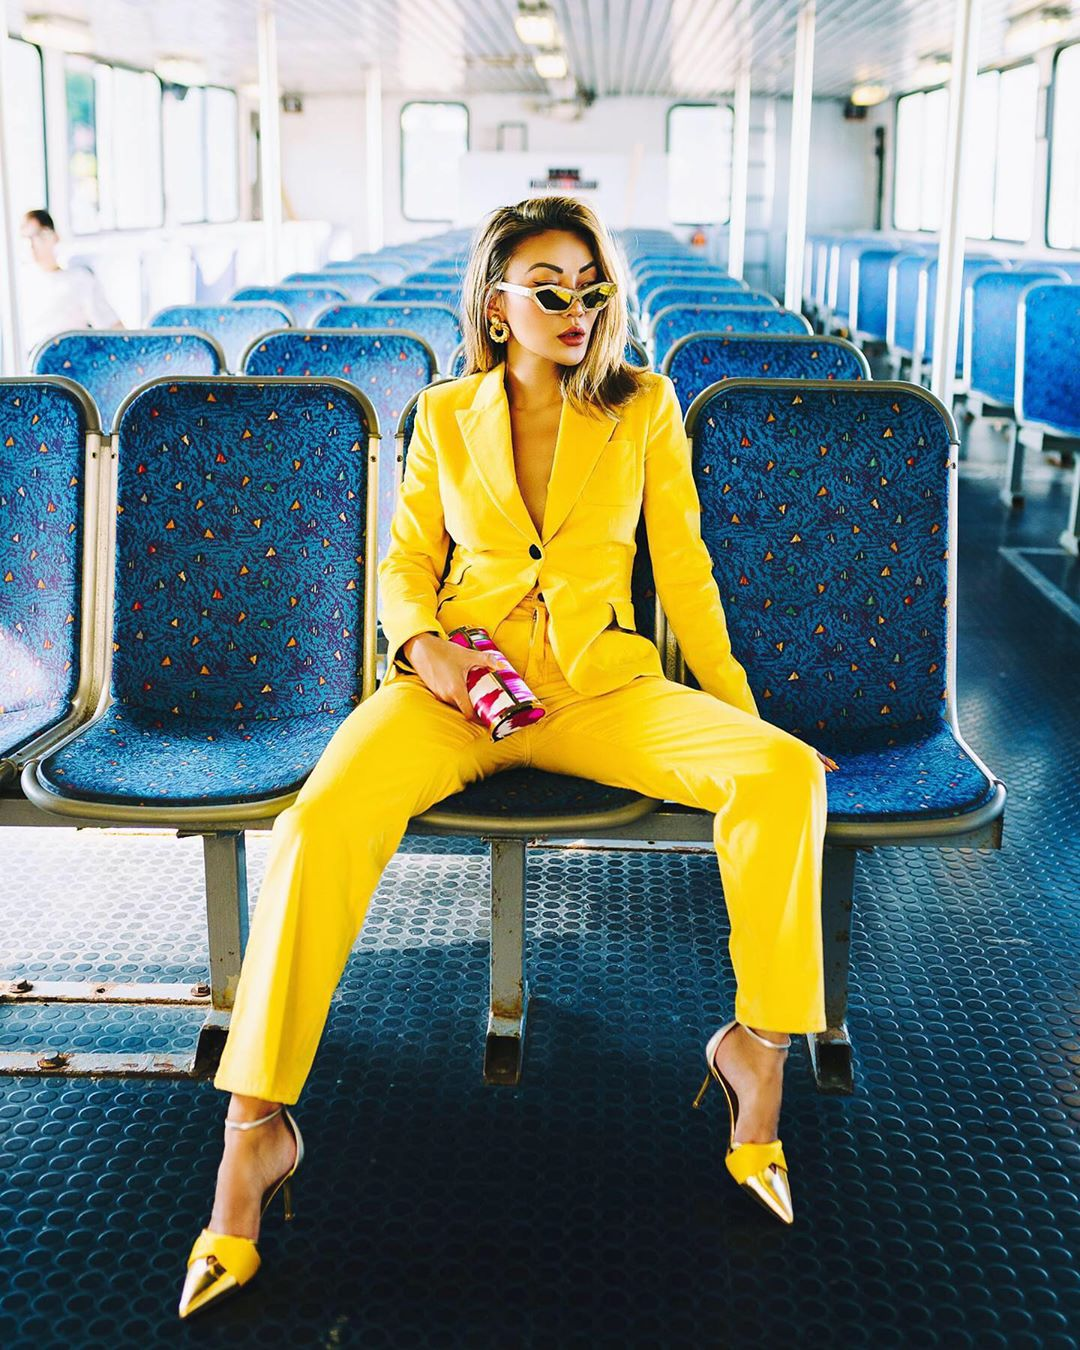 модный летние образы в желтом цвете фото 13